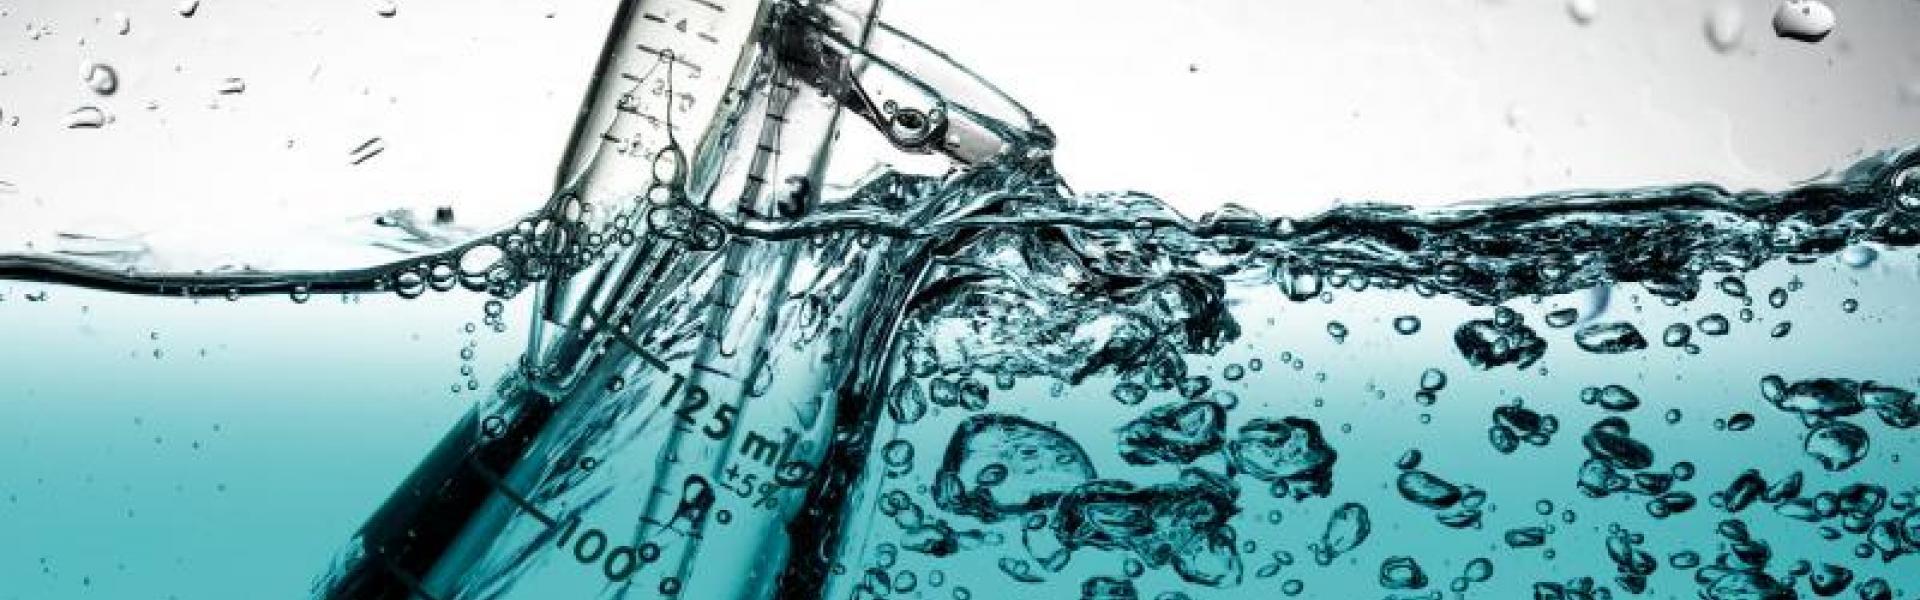 Análise de Água   Microbiológica